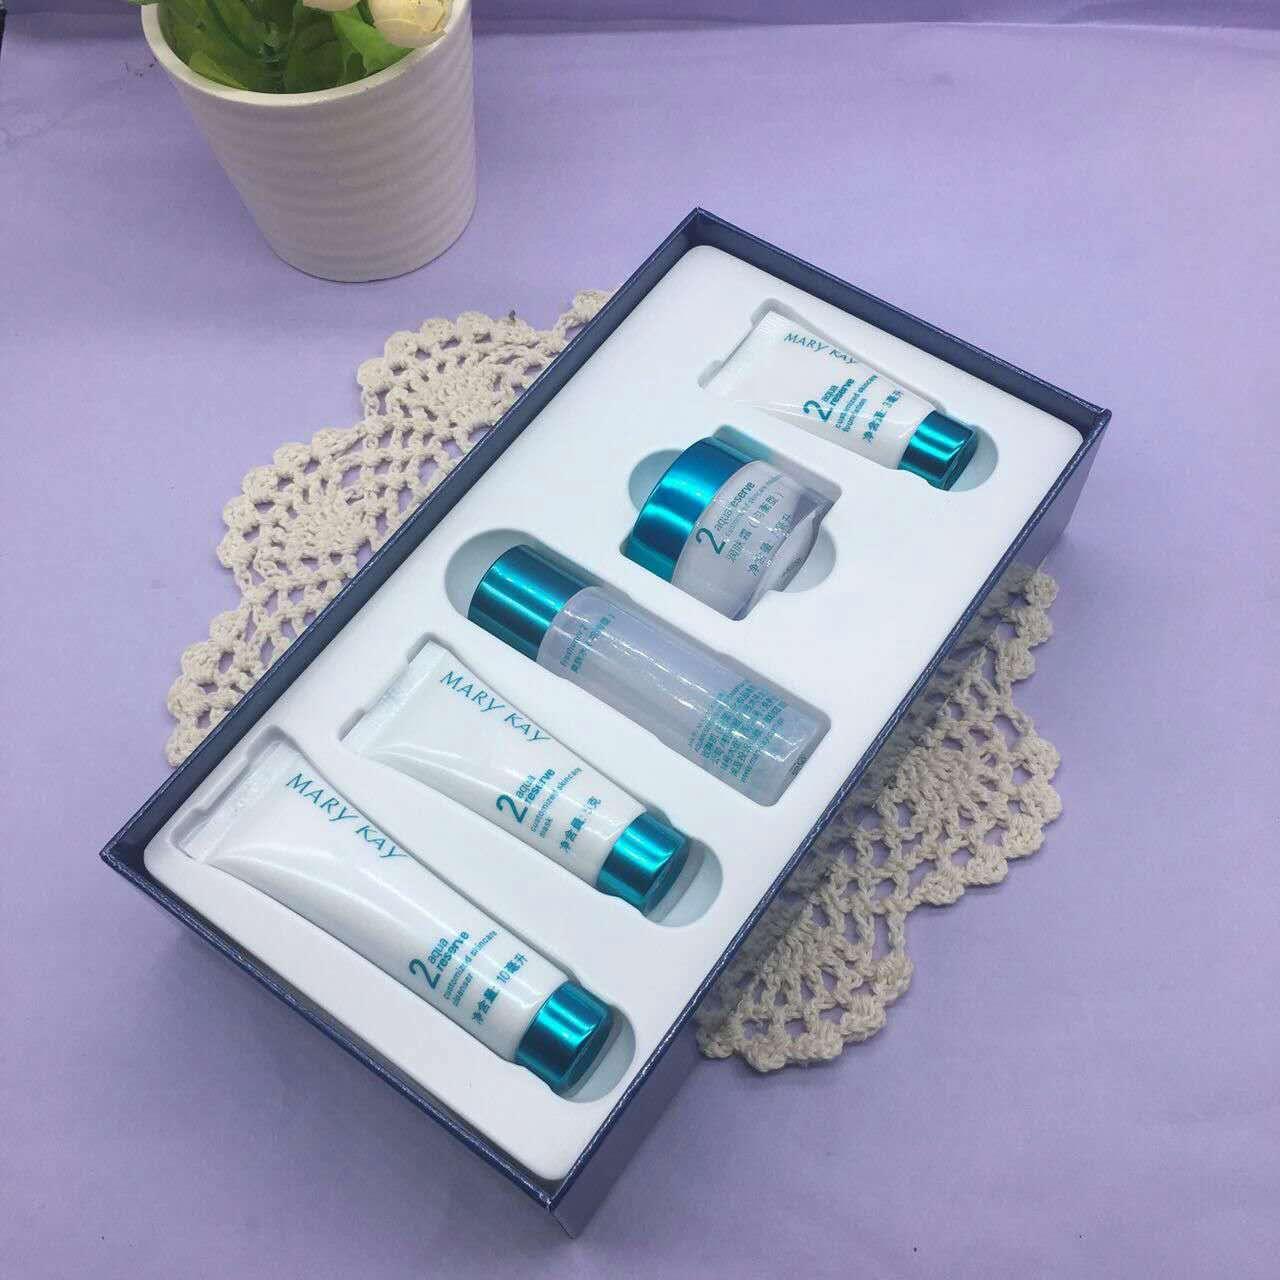 丹东市及全国上门收购玫琳凯化妆品诚挚合作